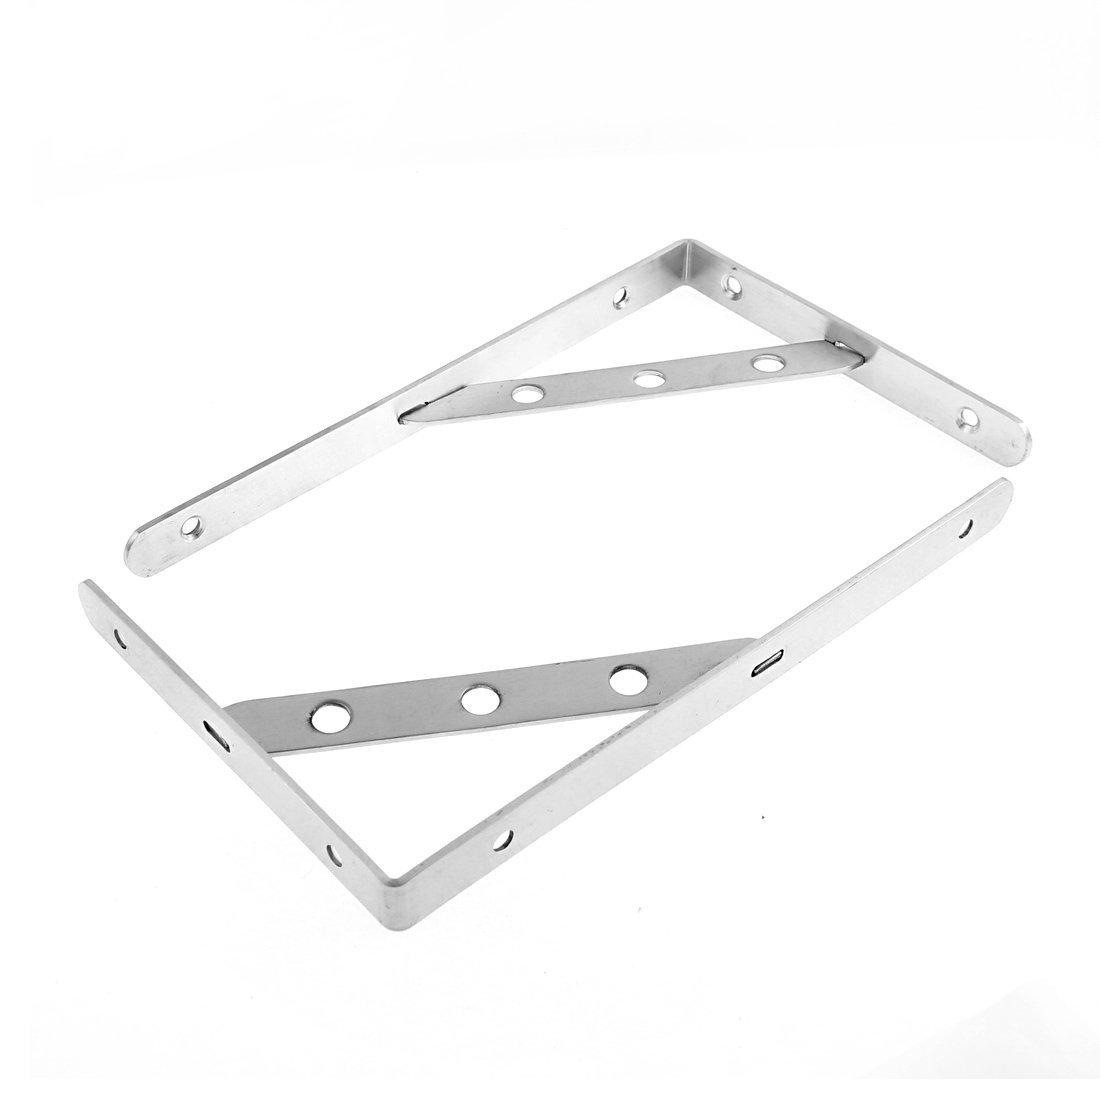 2 piezas de acero inoxidable 24cmx15cm L Libro en forma de mercancías soporte de repisa - - Amazon.com